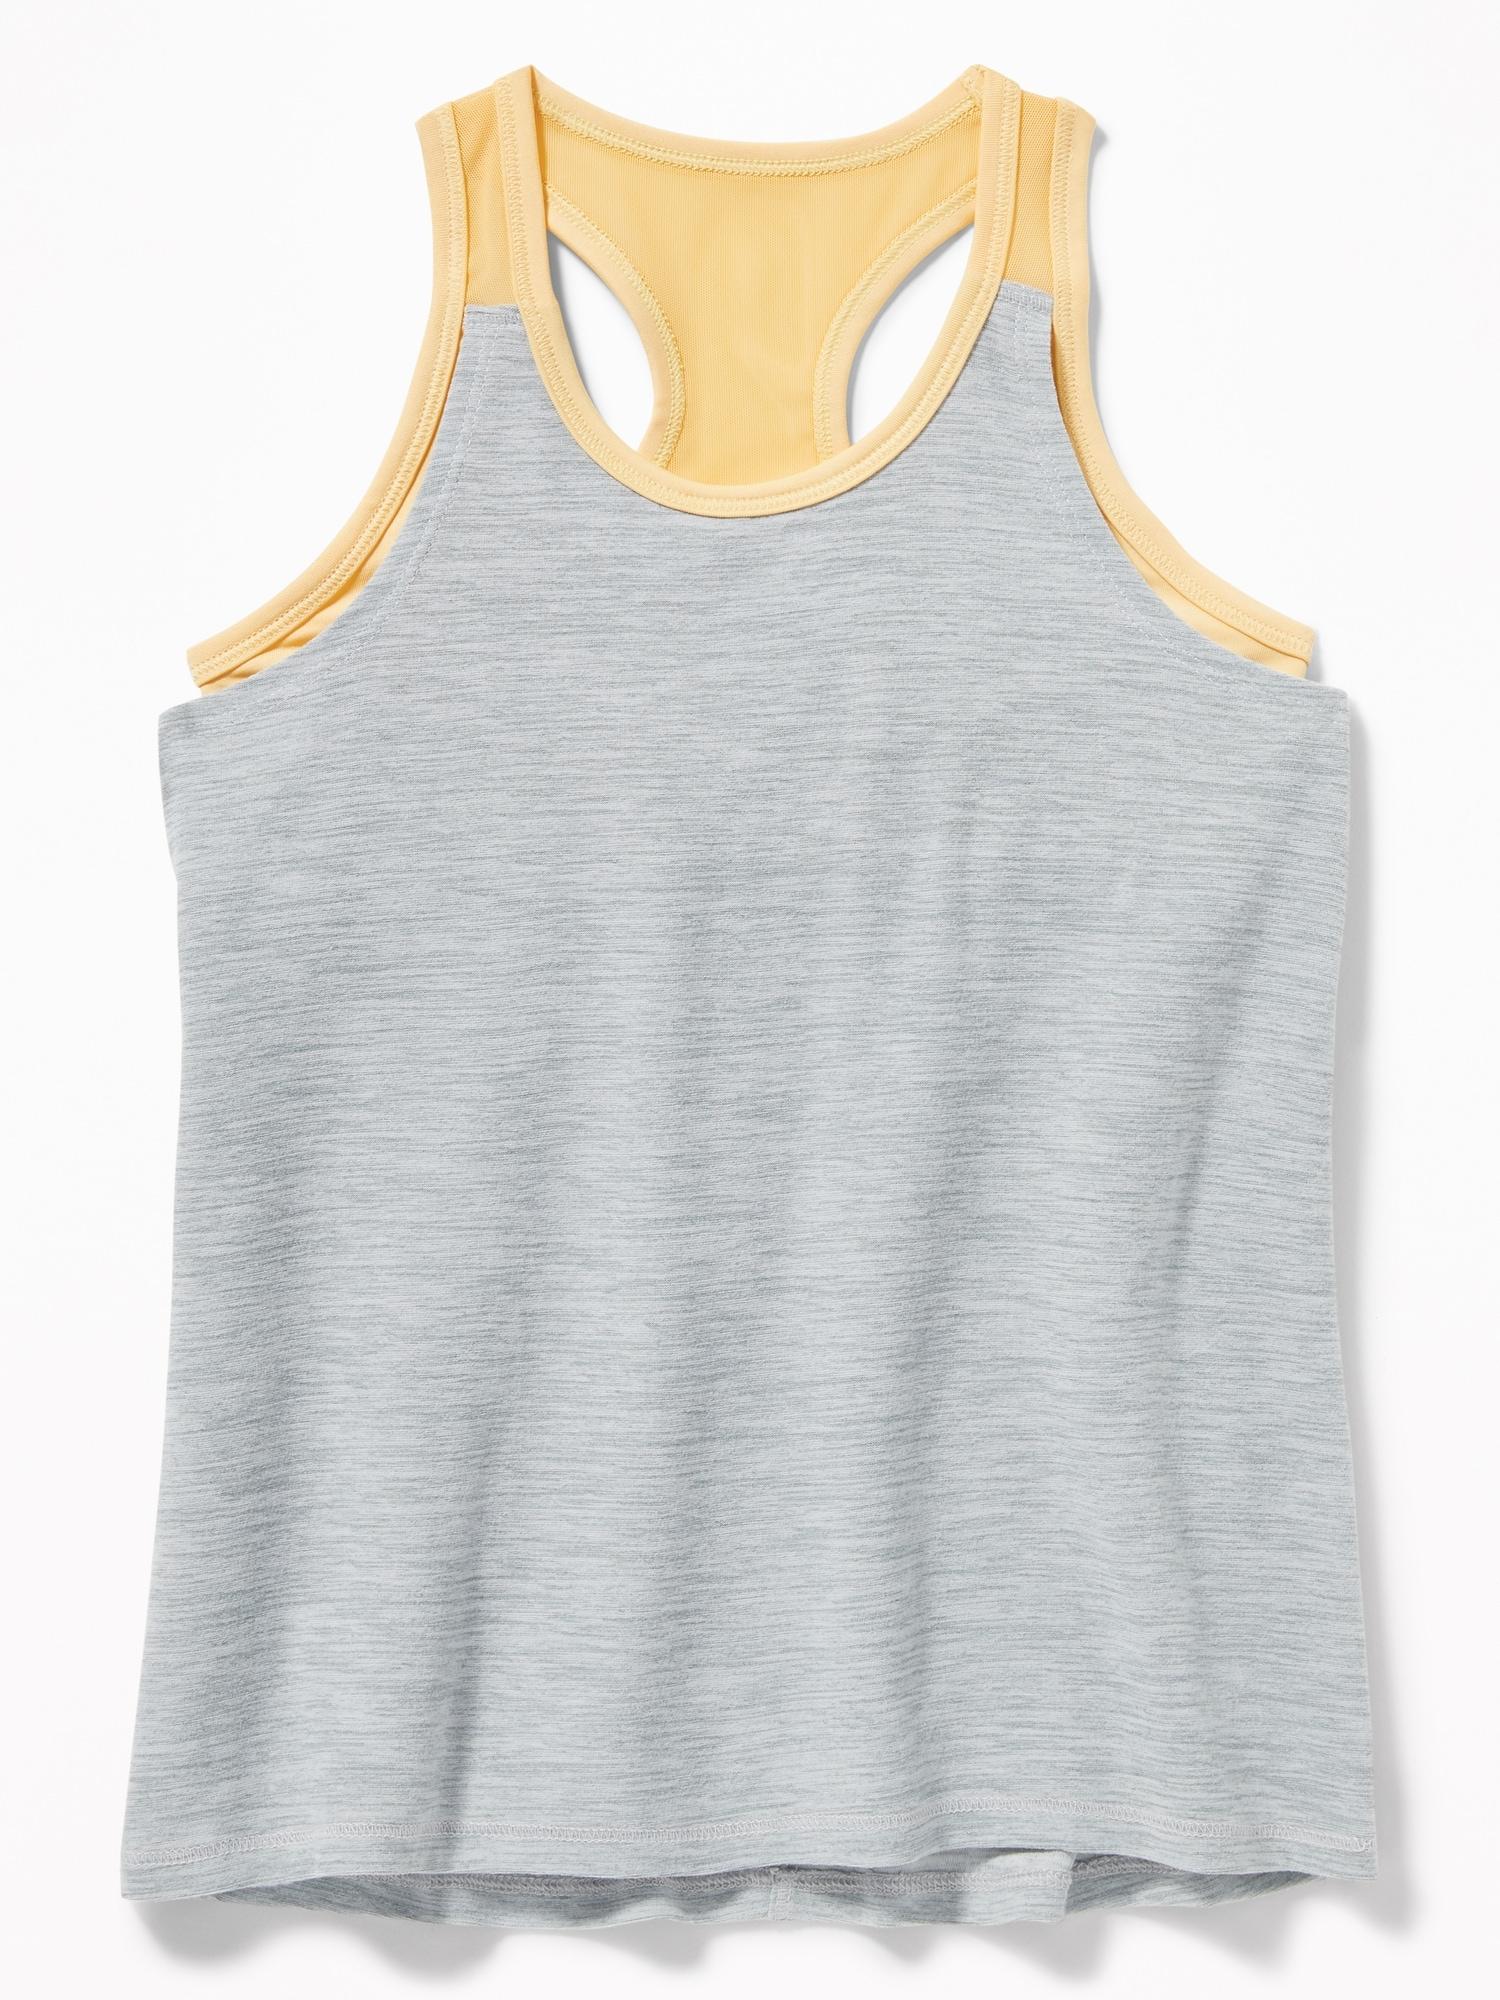 03440fe483 Breathe ON Go-Dry 2-in-1 Sports-Bra Tank for Girls